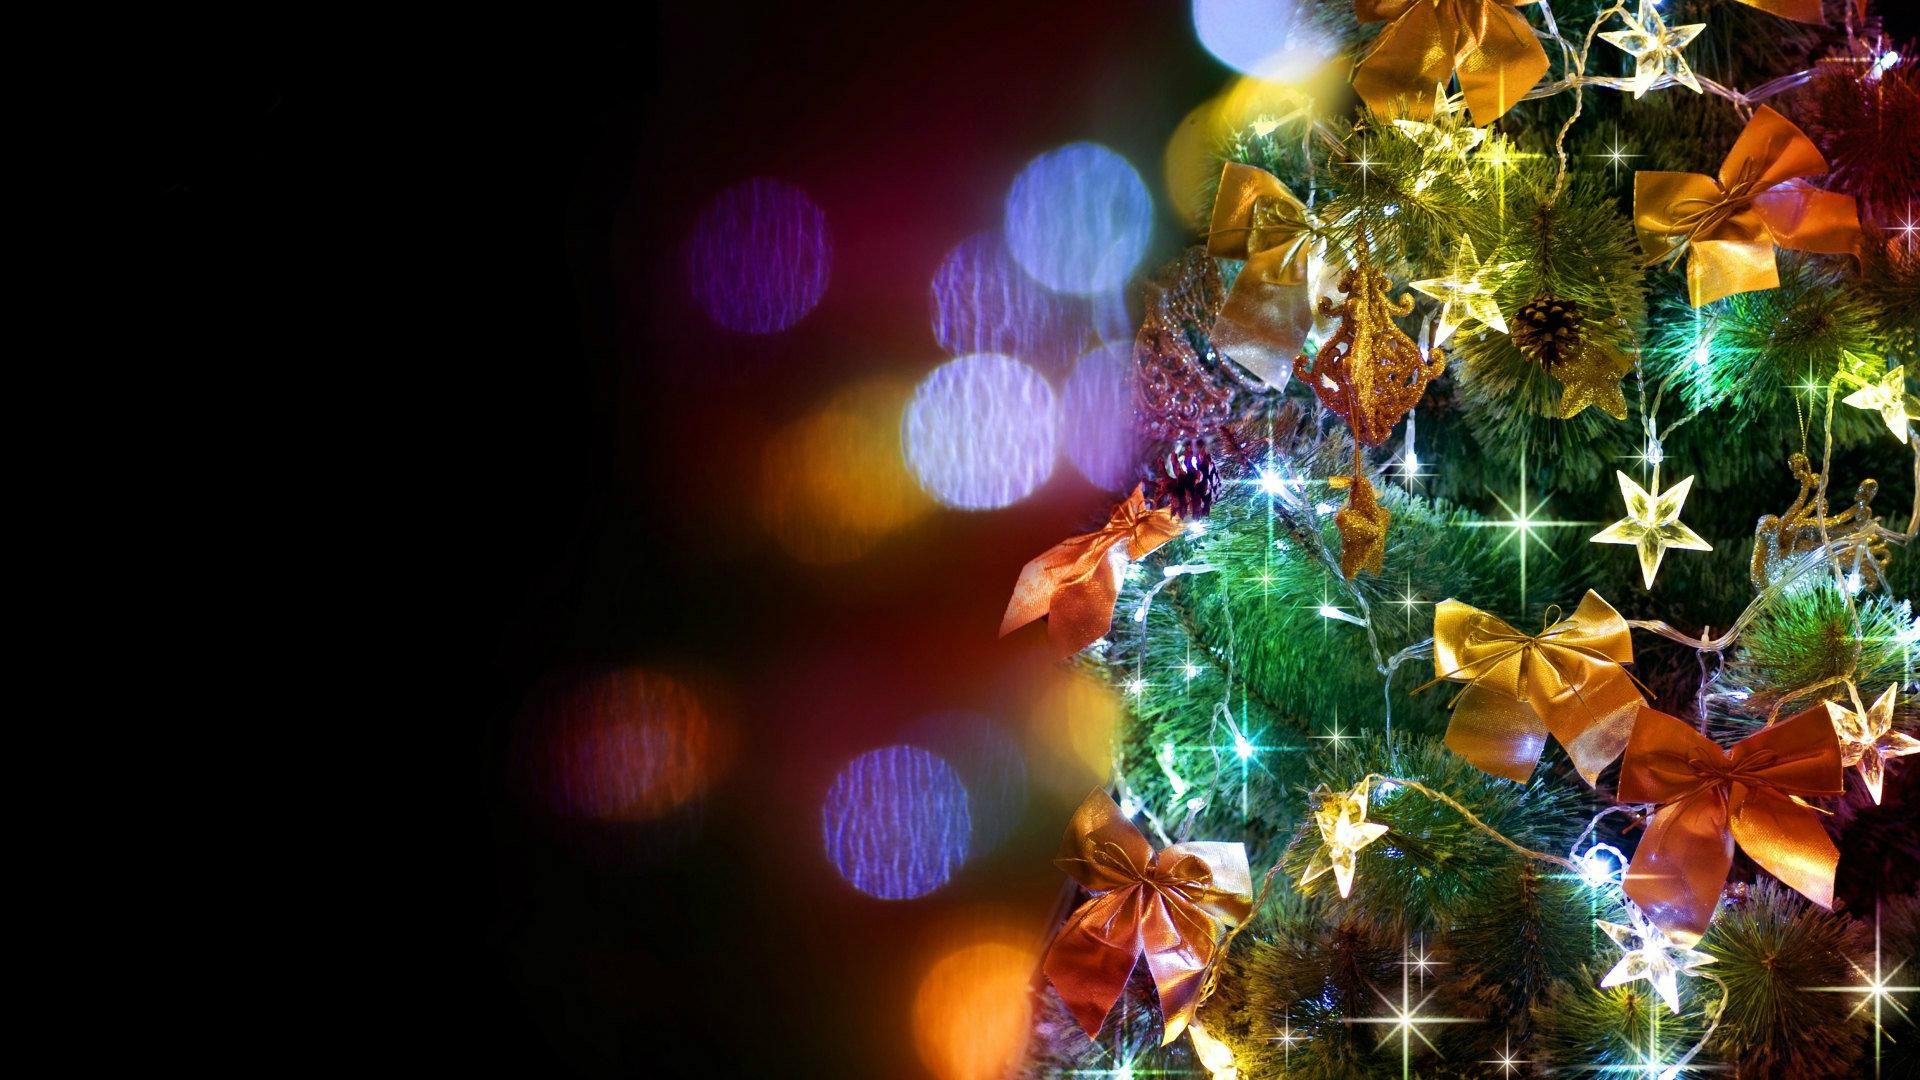 Christmas Wallpaper Tumblr Ch37t Christmas Hd Wallpaper 1080p 1920x1080 Wallpaper Teahub Io